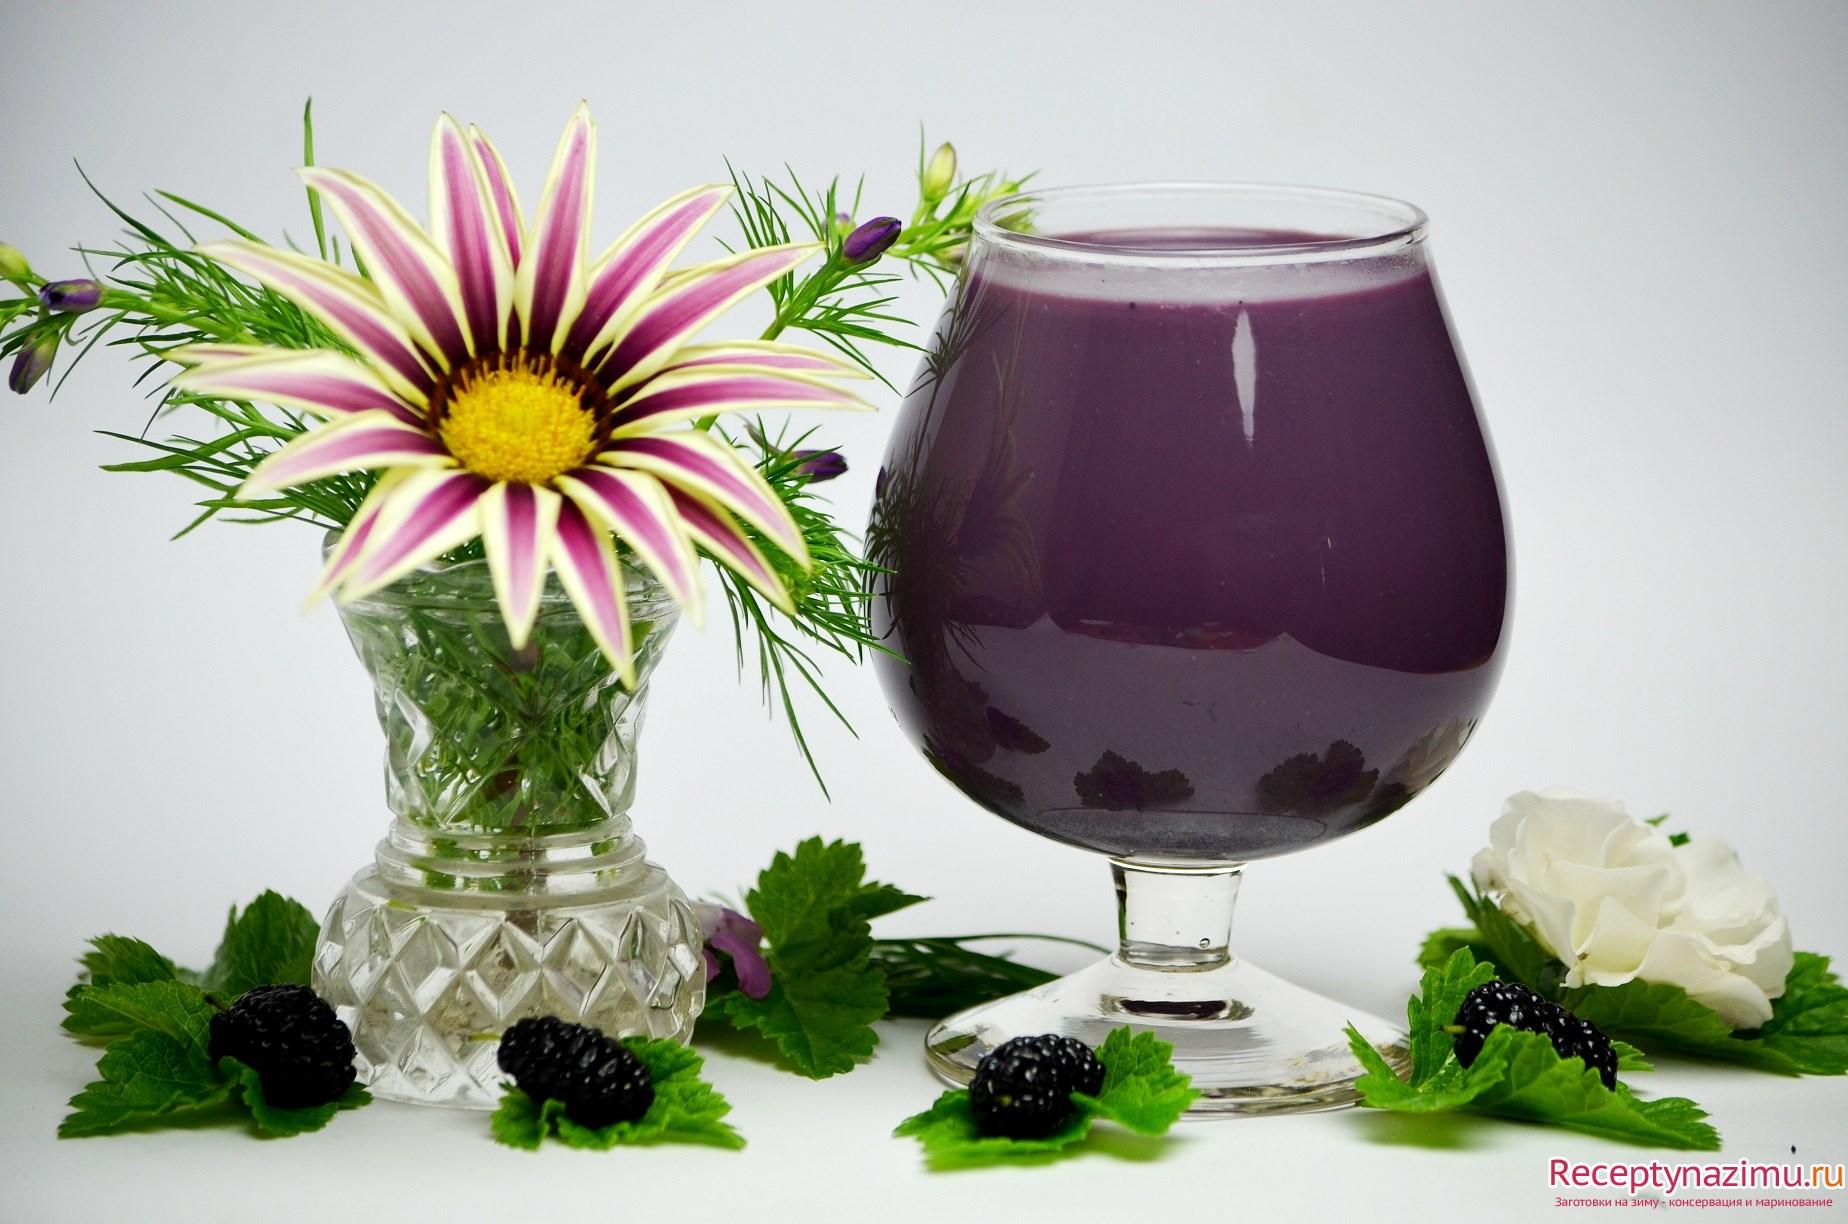 Наливка из ежевики 6 рецептов на водке, спирту и самогоне 46